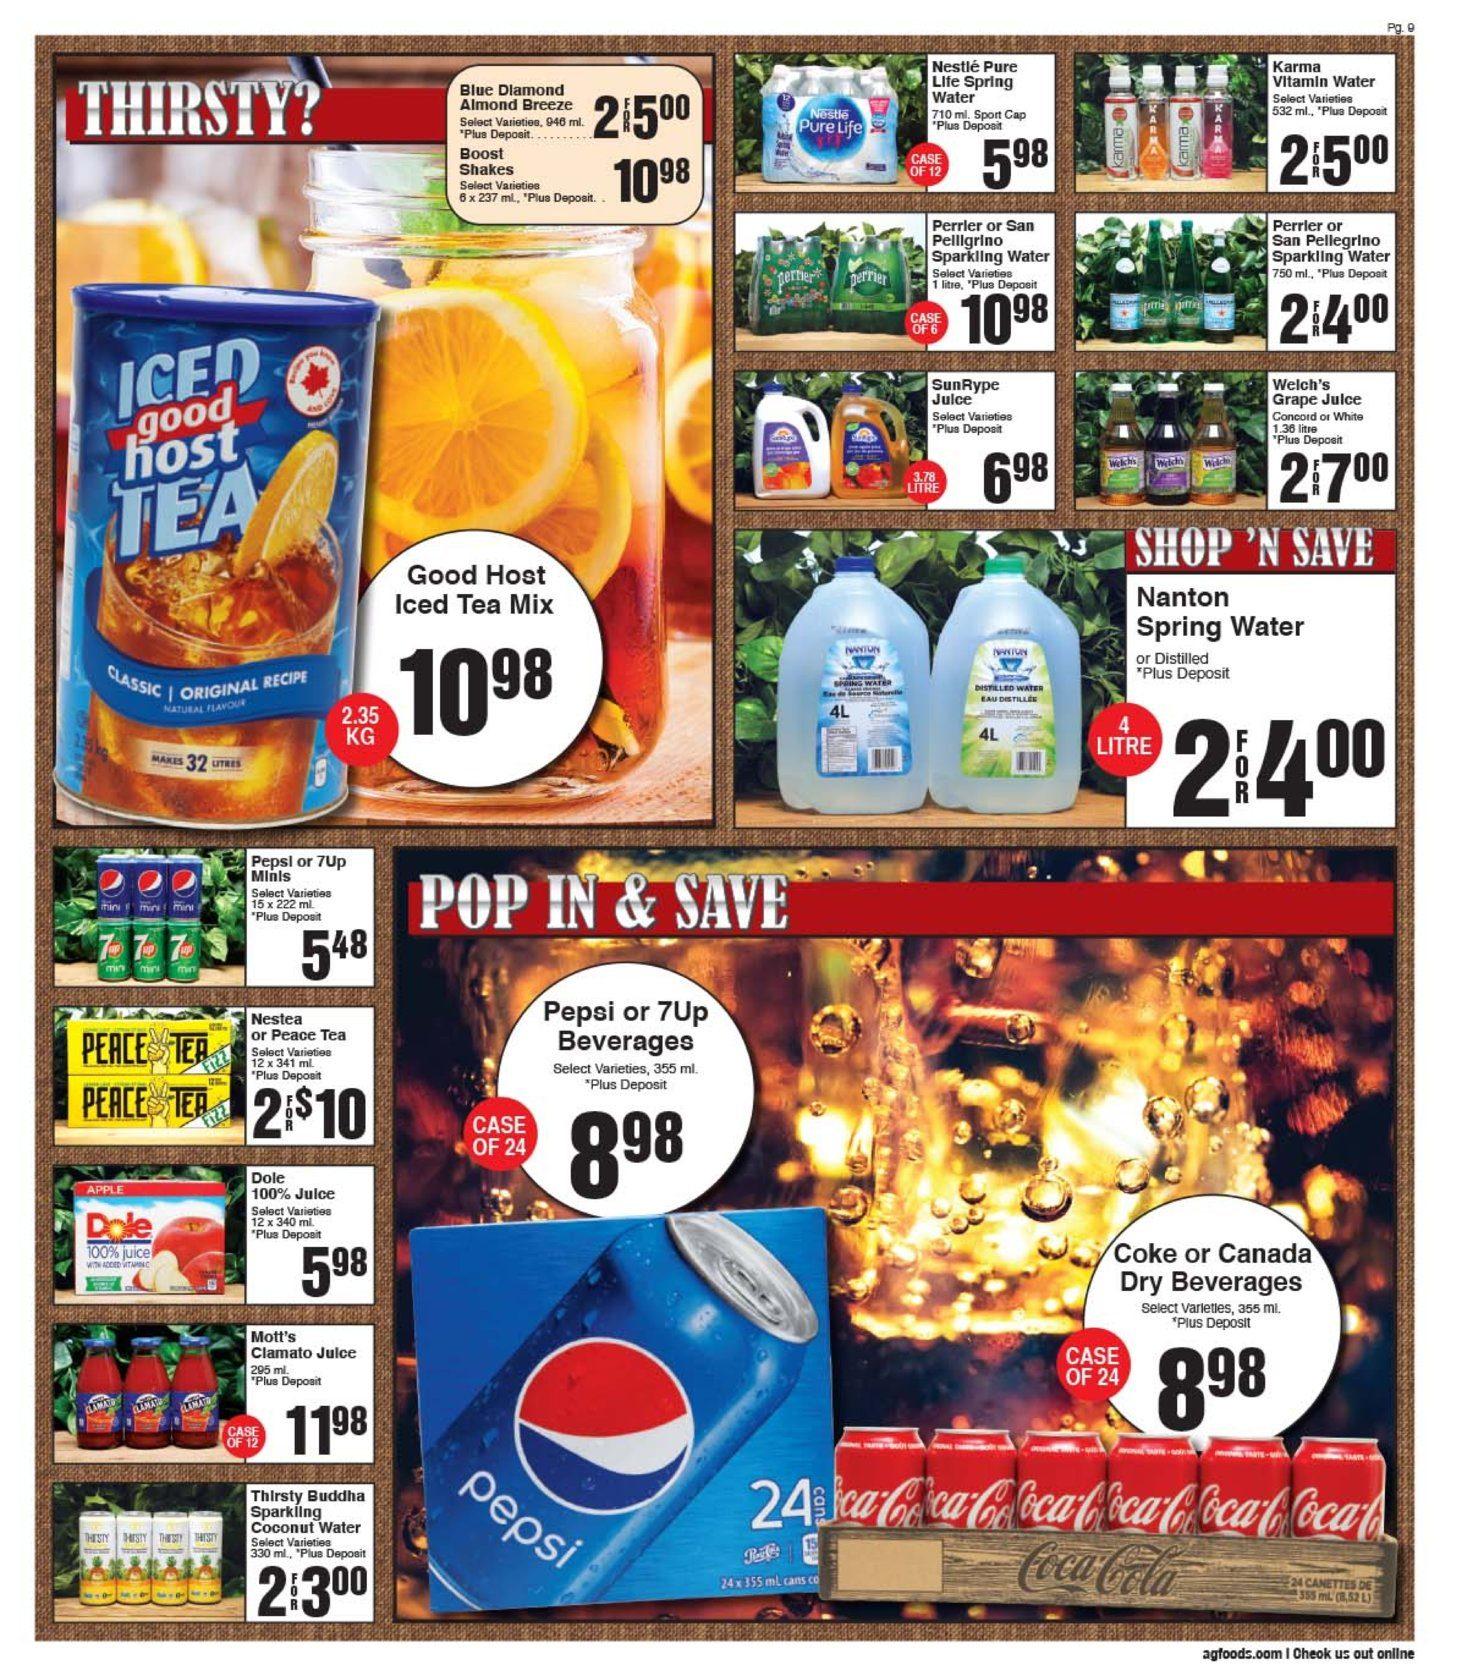 AG Foods - 2 Weeks of Savings - Page 9